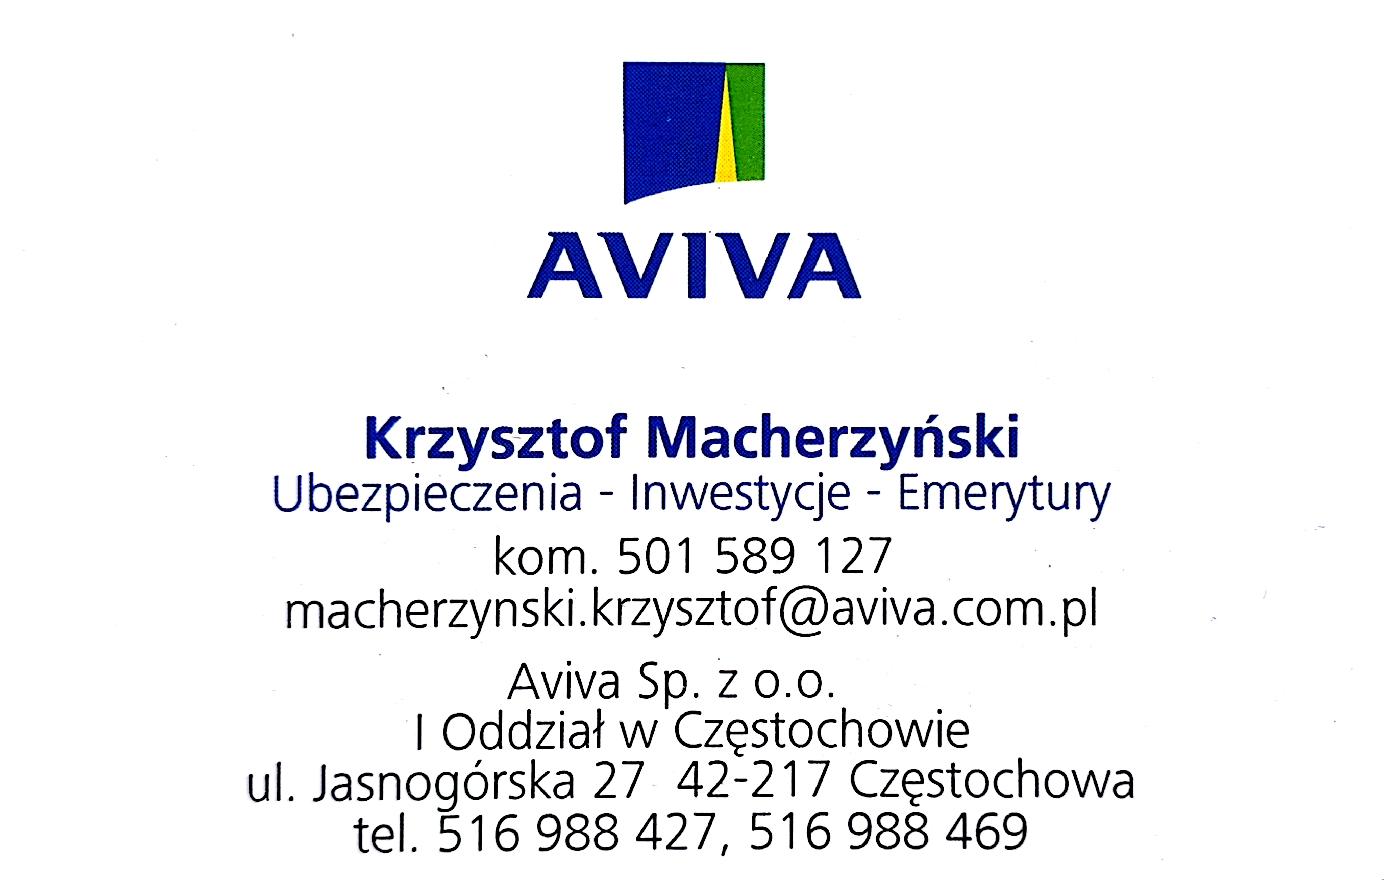 http://dobraszkola.edu.pl/gfx/upload/Ubezpieczenie/8. Krzysztof Macherzyński AVIVA - wizytówka.jpg